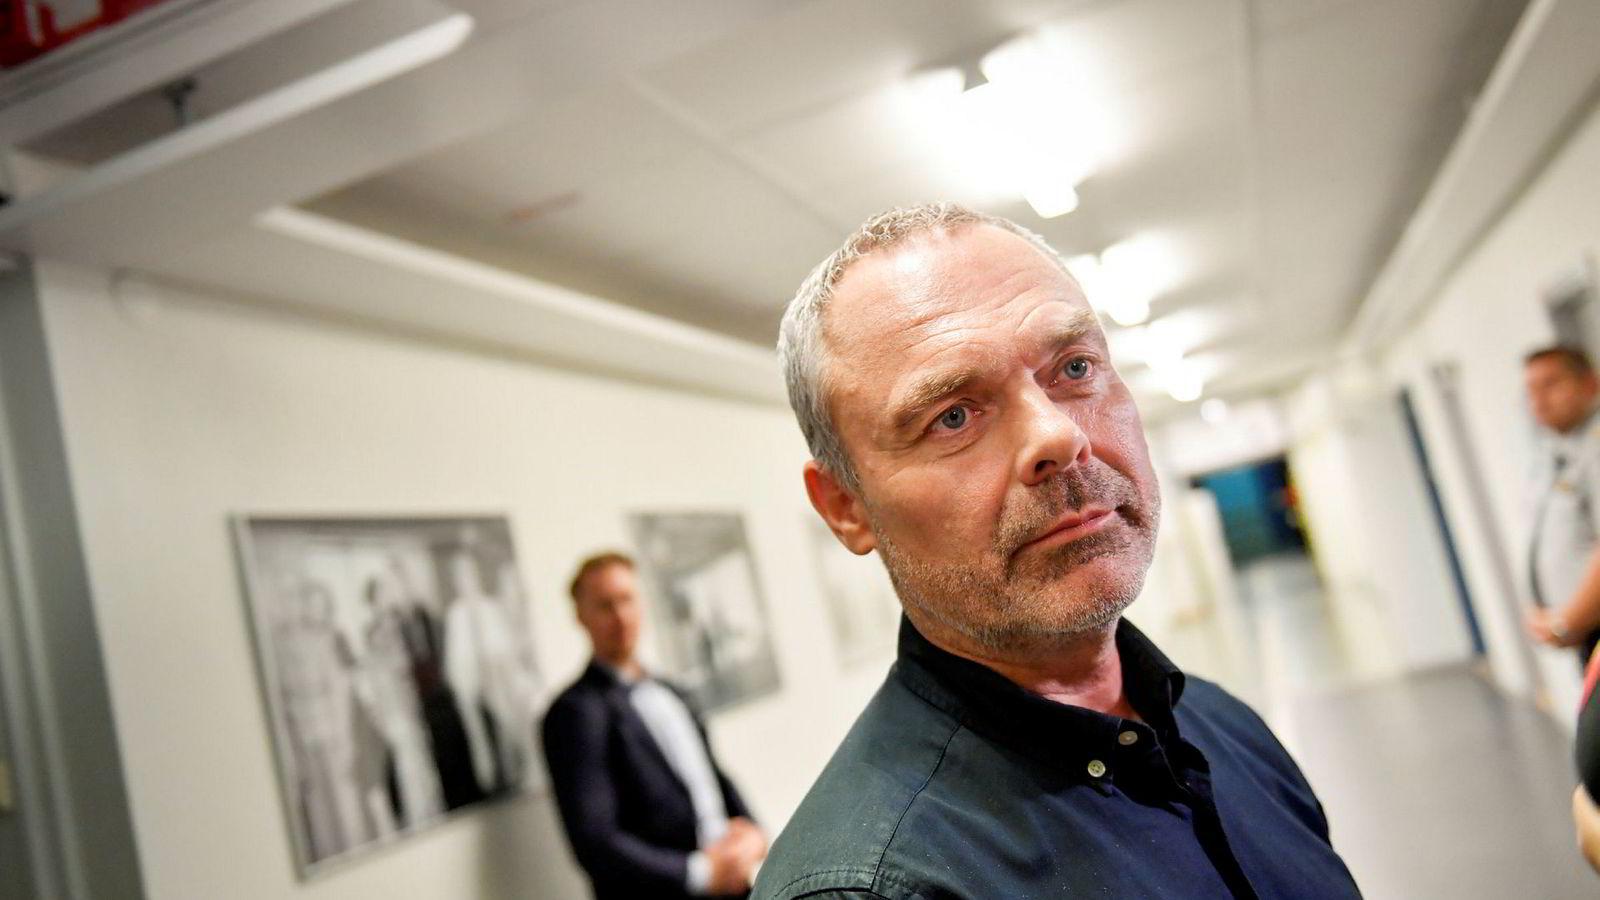 Liberalernas leder Jan Björklund kaster inn håndkleet etter å ha gått seirende ut av en intern strid som endte med at partiet skiftet side og støttet Stefan Löfven. Foto: Maja Suslin / TT / NTB scanpix